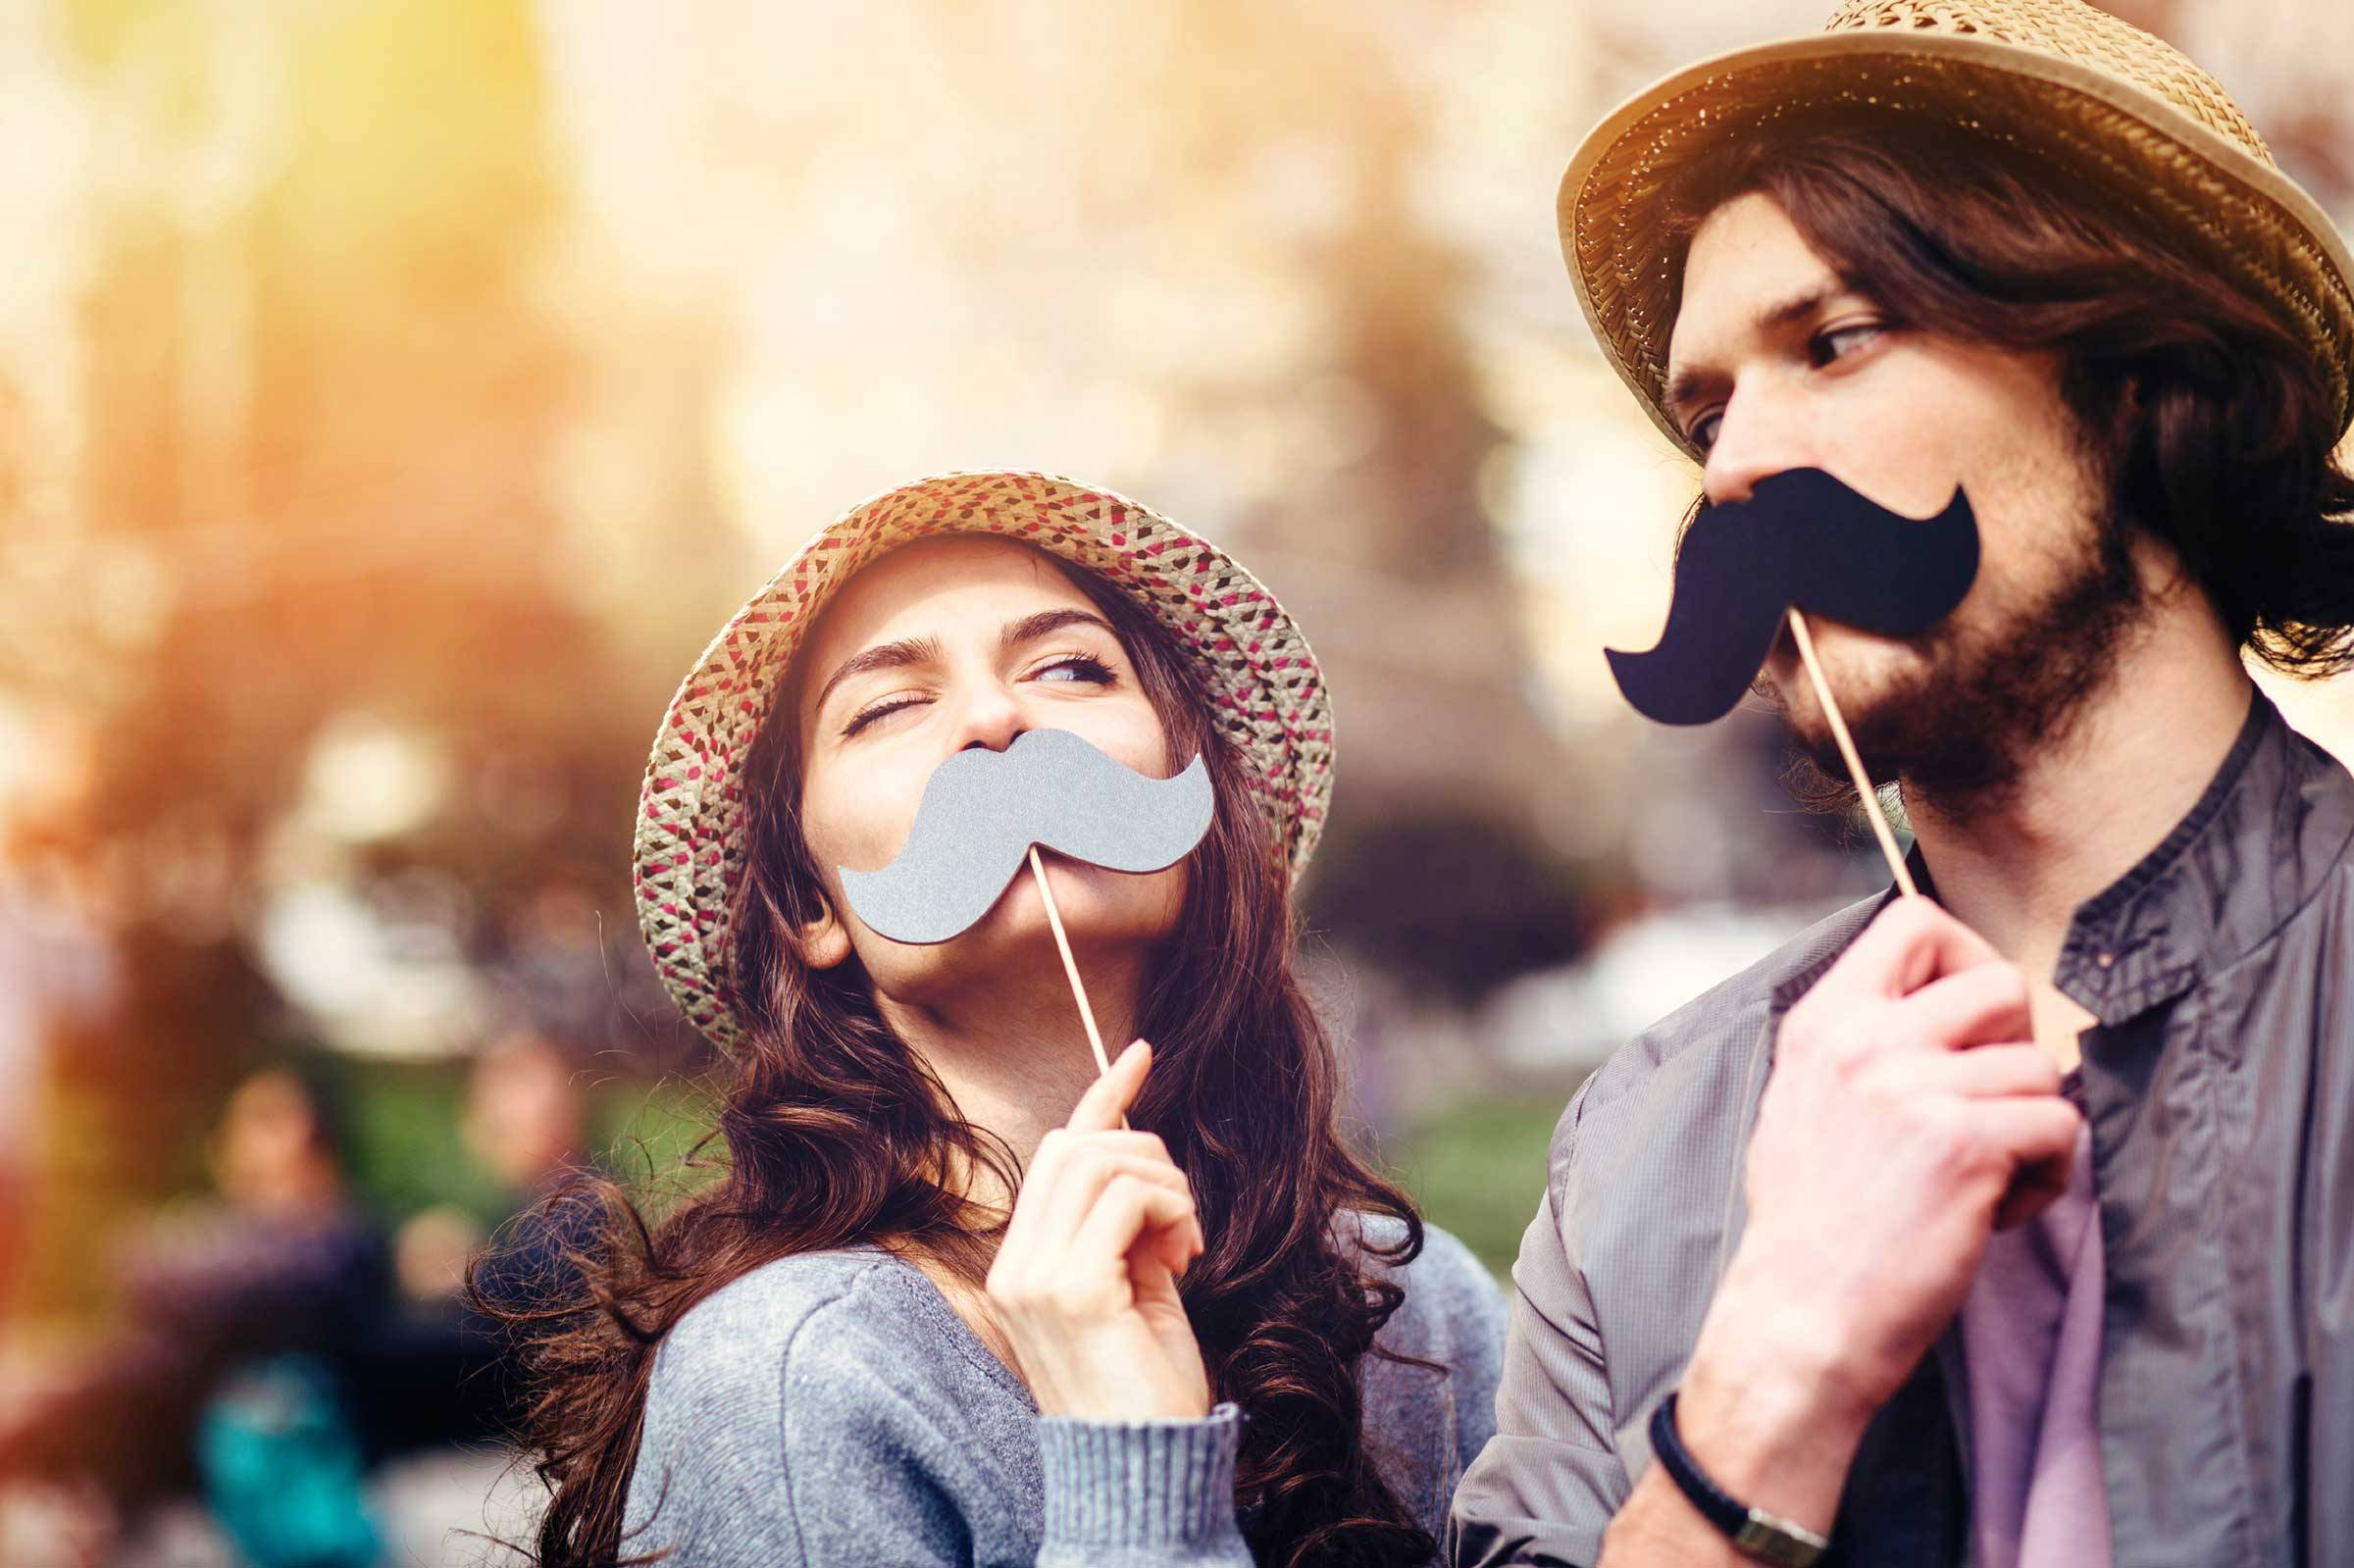 Внешность - не главное: топ-10 признаков очаровательности